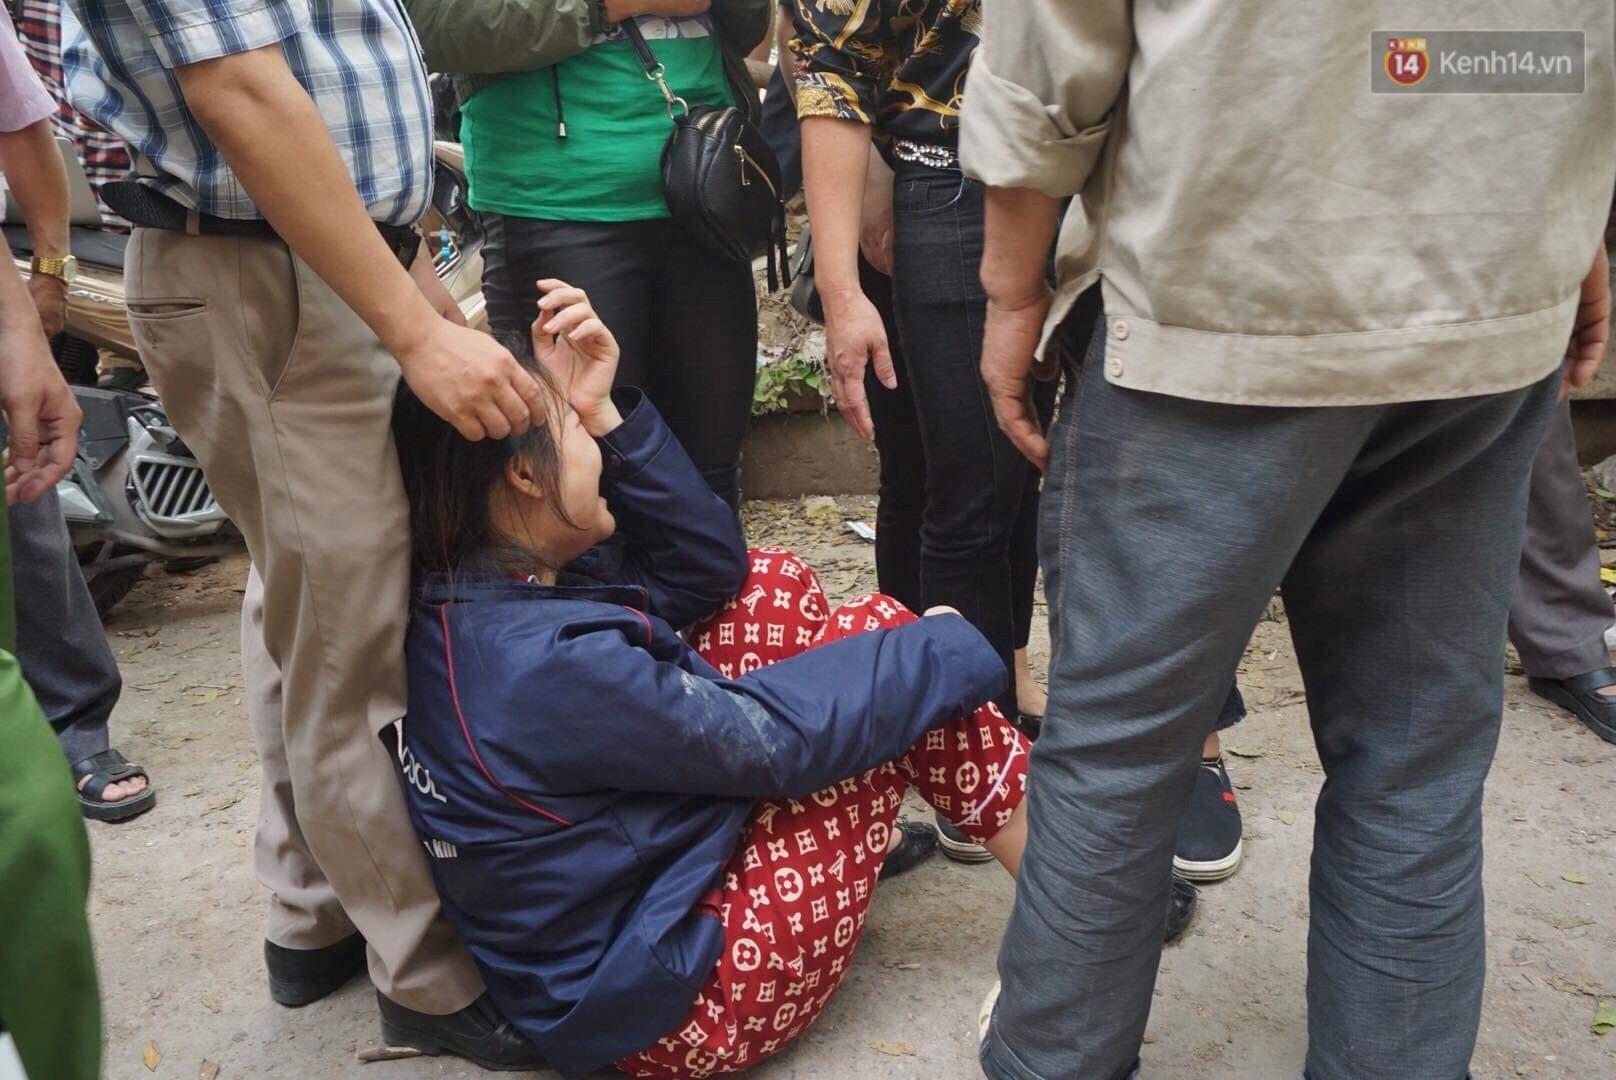 Người nhà nạn nhân đau đớn, khóc ngất tại hiện trường vụ hỏa hoạn khiến 8 người chết và mất tích-6